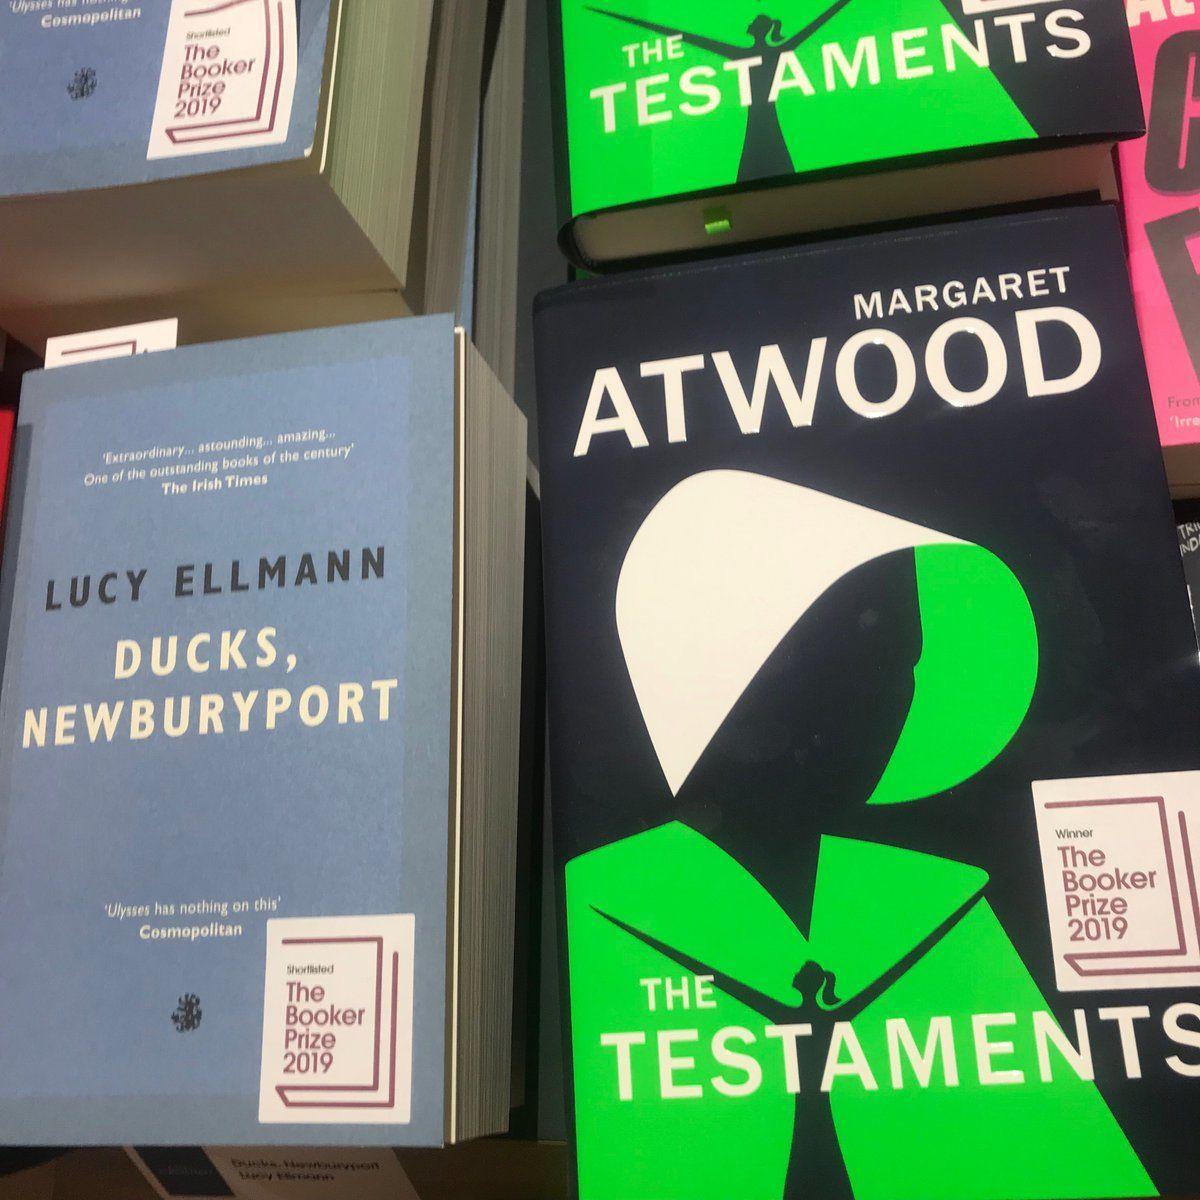 """На світлині дві книжки -""""Заповітом"""" Етвуд з наклейкою """"Переможець The Booker Prize 2019"""" такнижкаЛюсі Елманн""""Качки, Ньюберіпорт"""" із позначкою """"Фіналіст The Booker Prize 2019""""."""